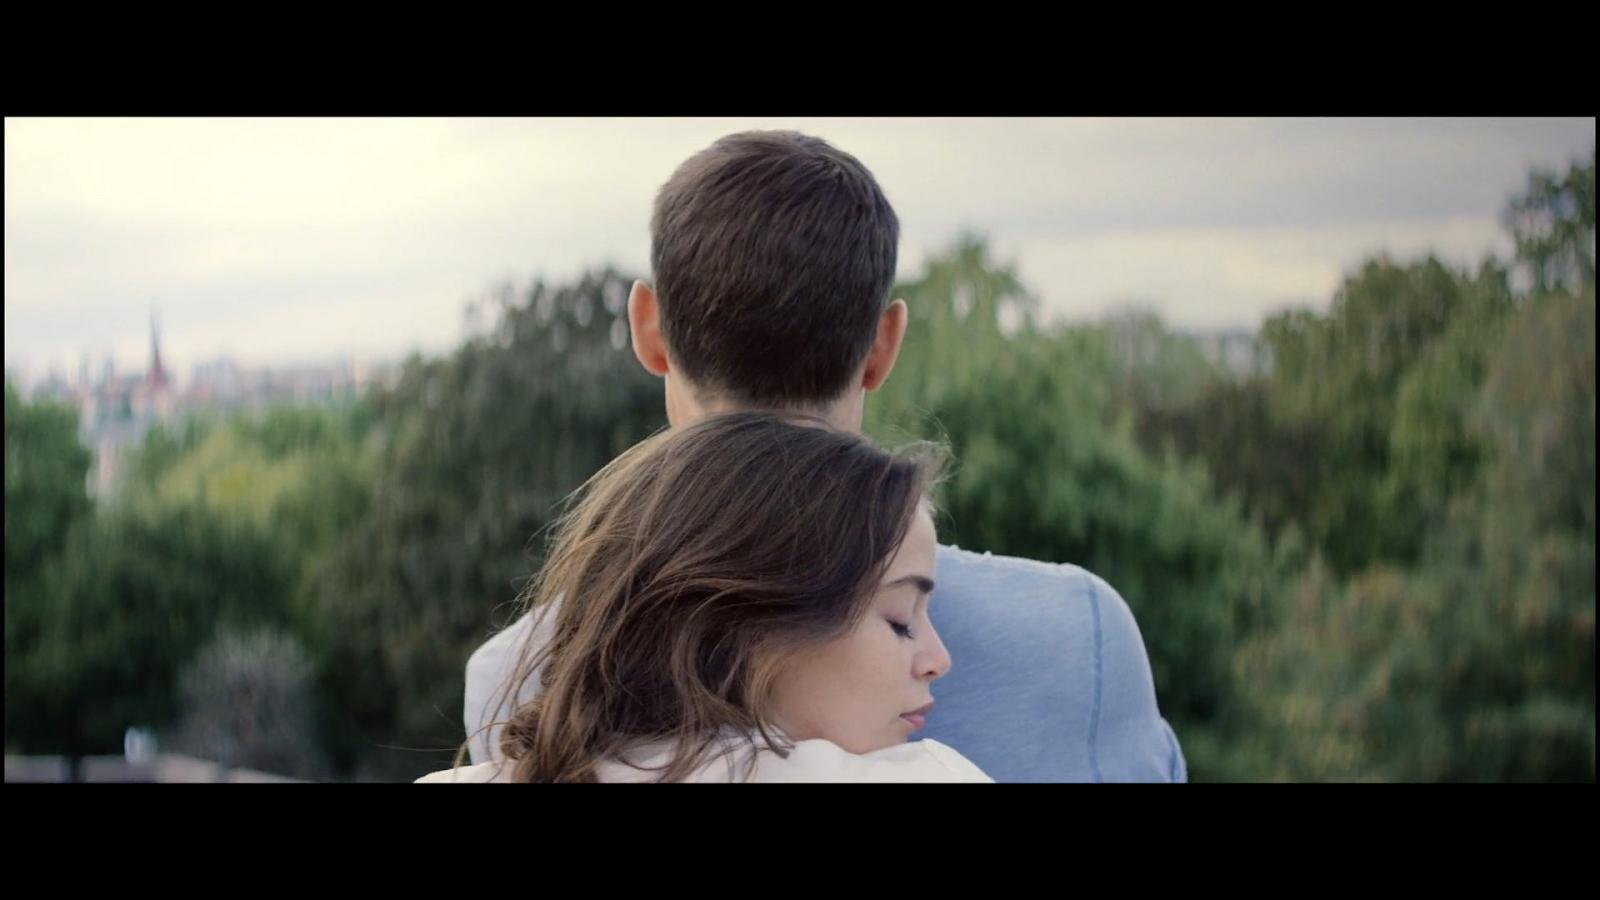 Фестиваль фильмов о любви Love Shorts: когда стартует + программа - фото №1